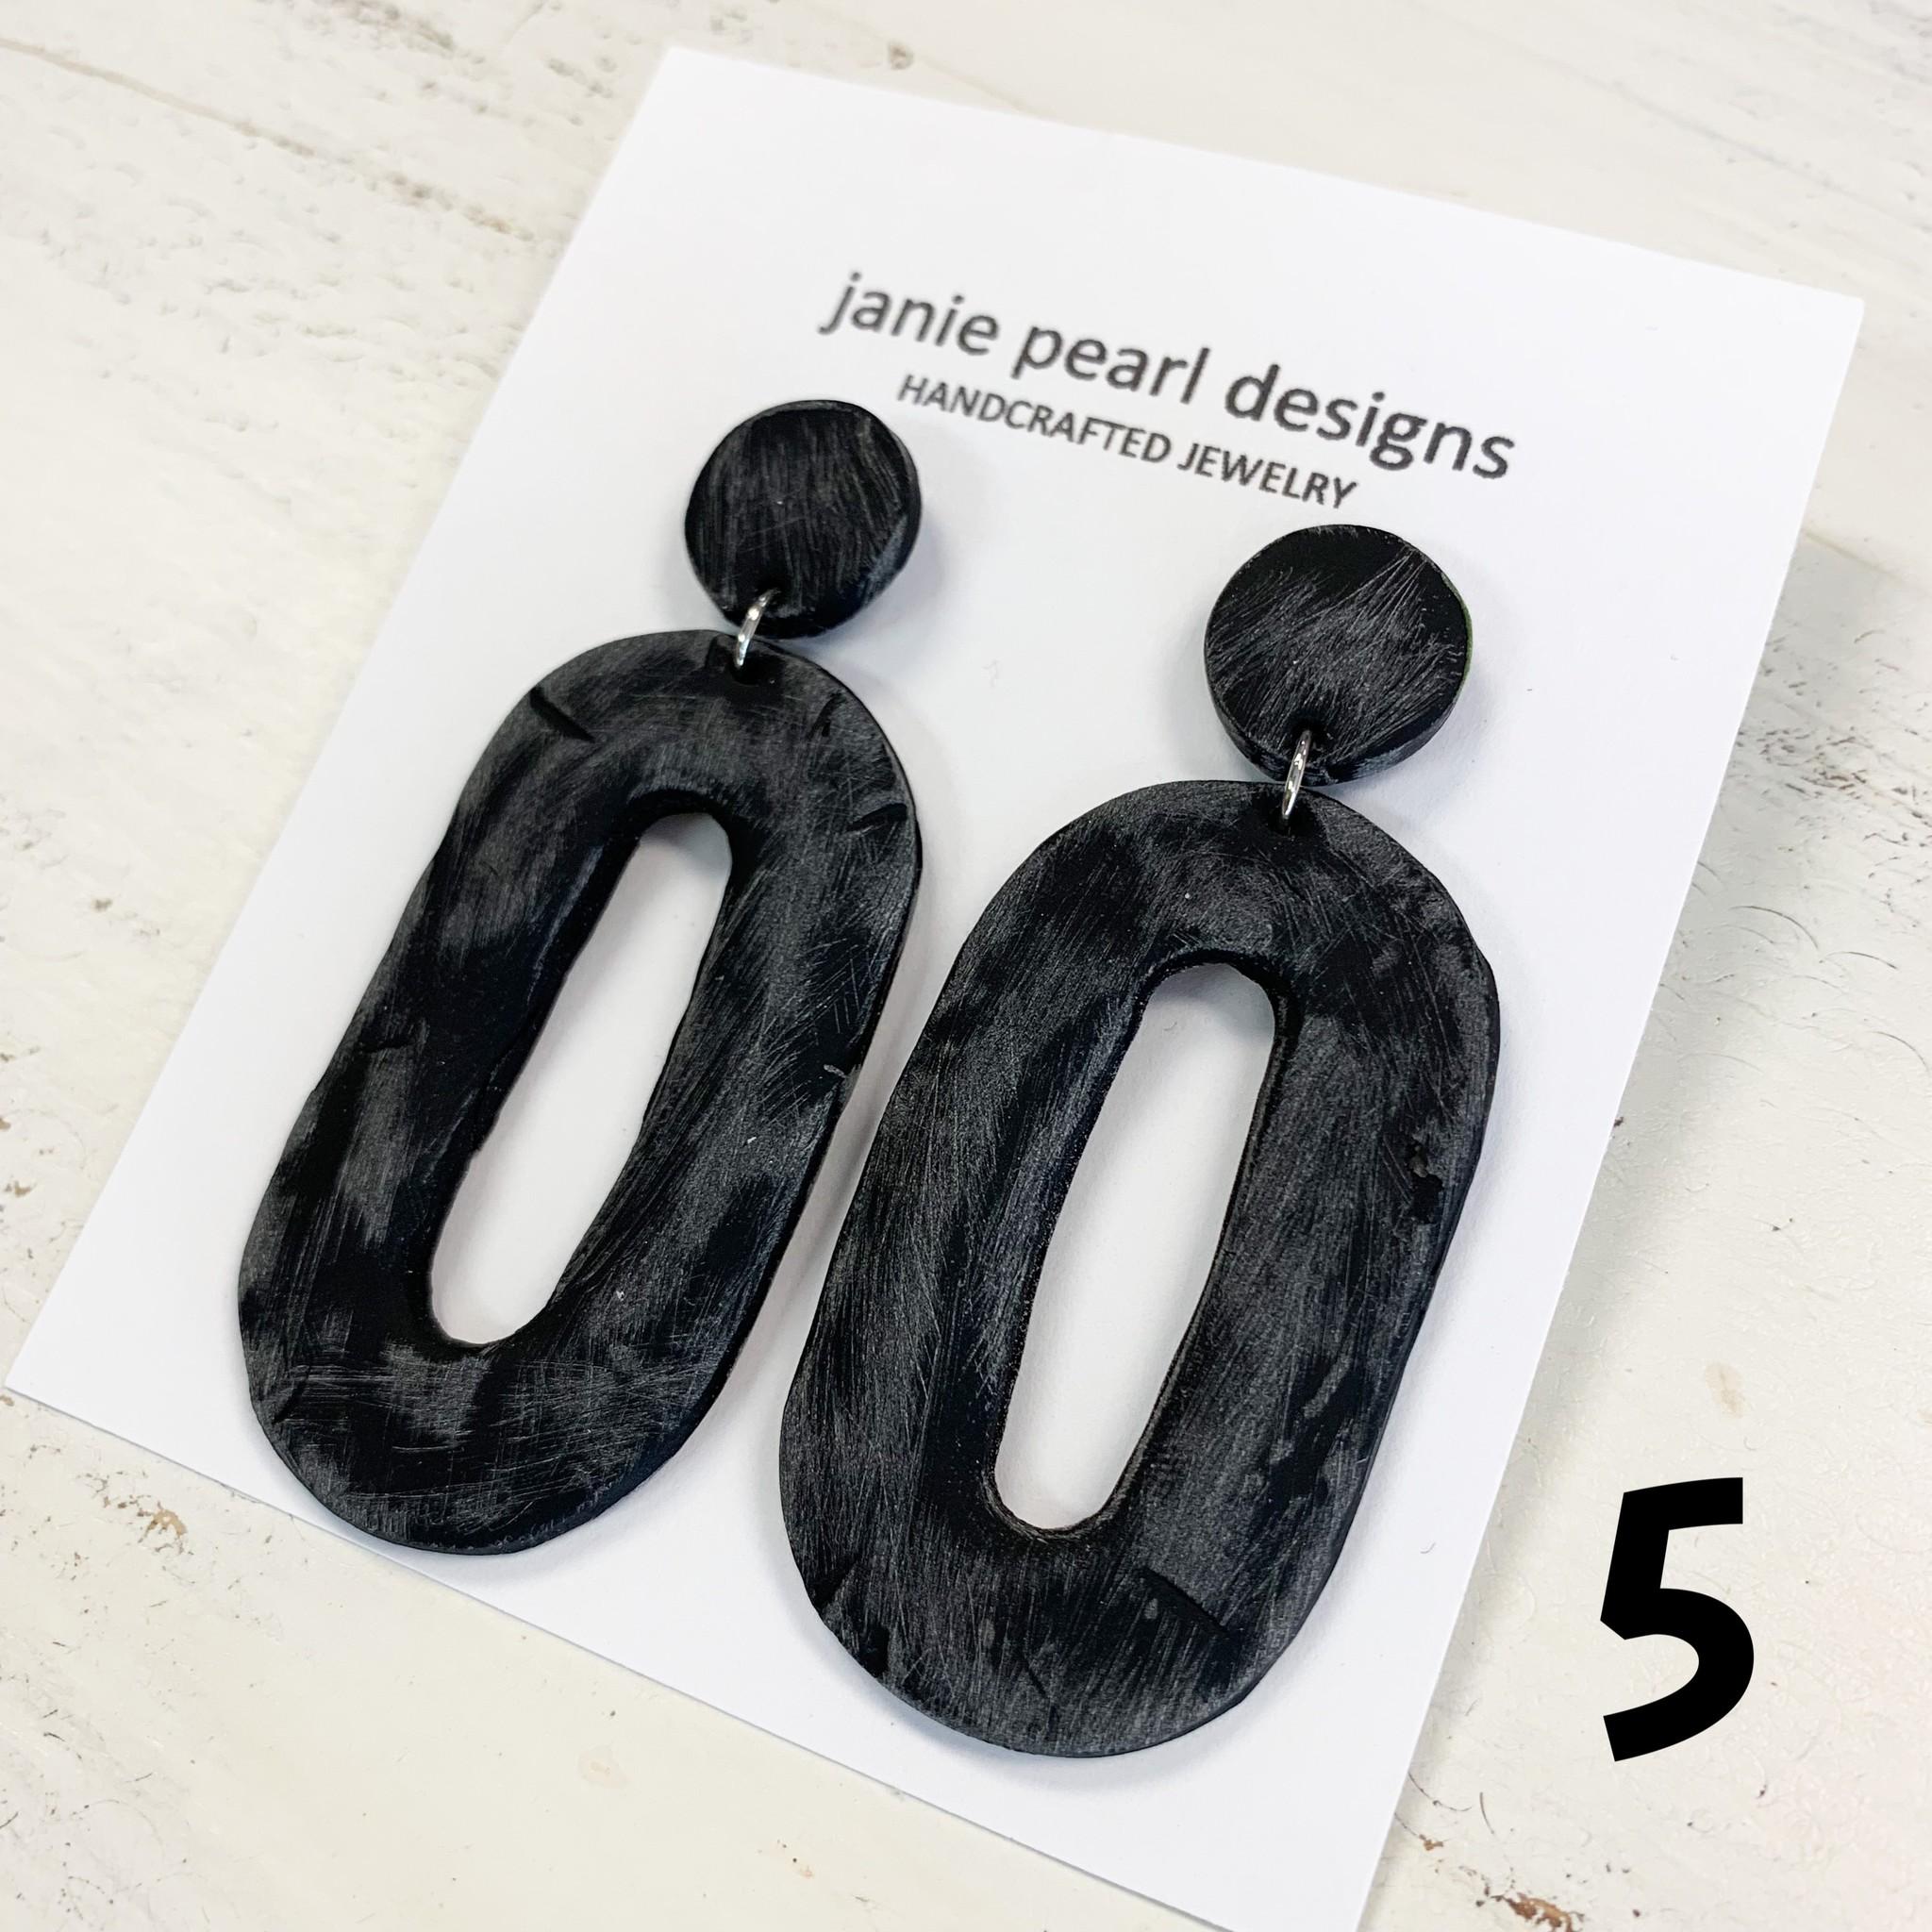 2 Tier Clay Earring